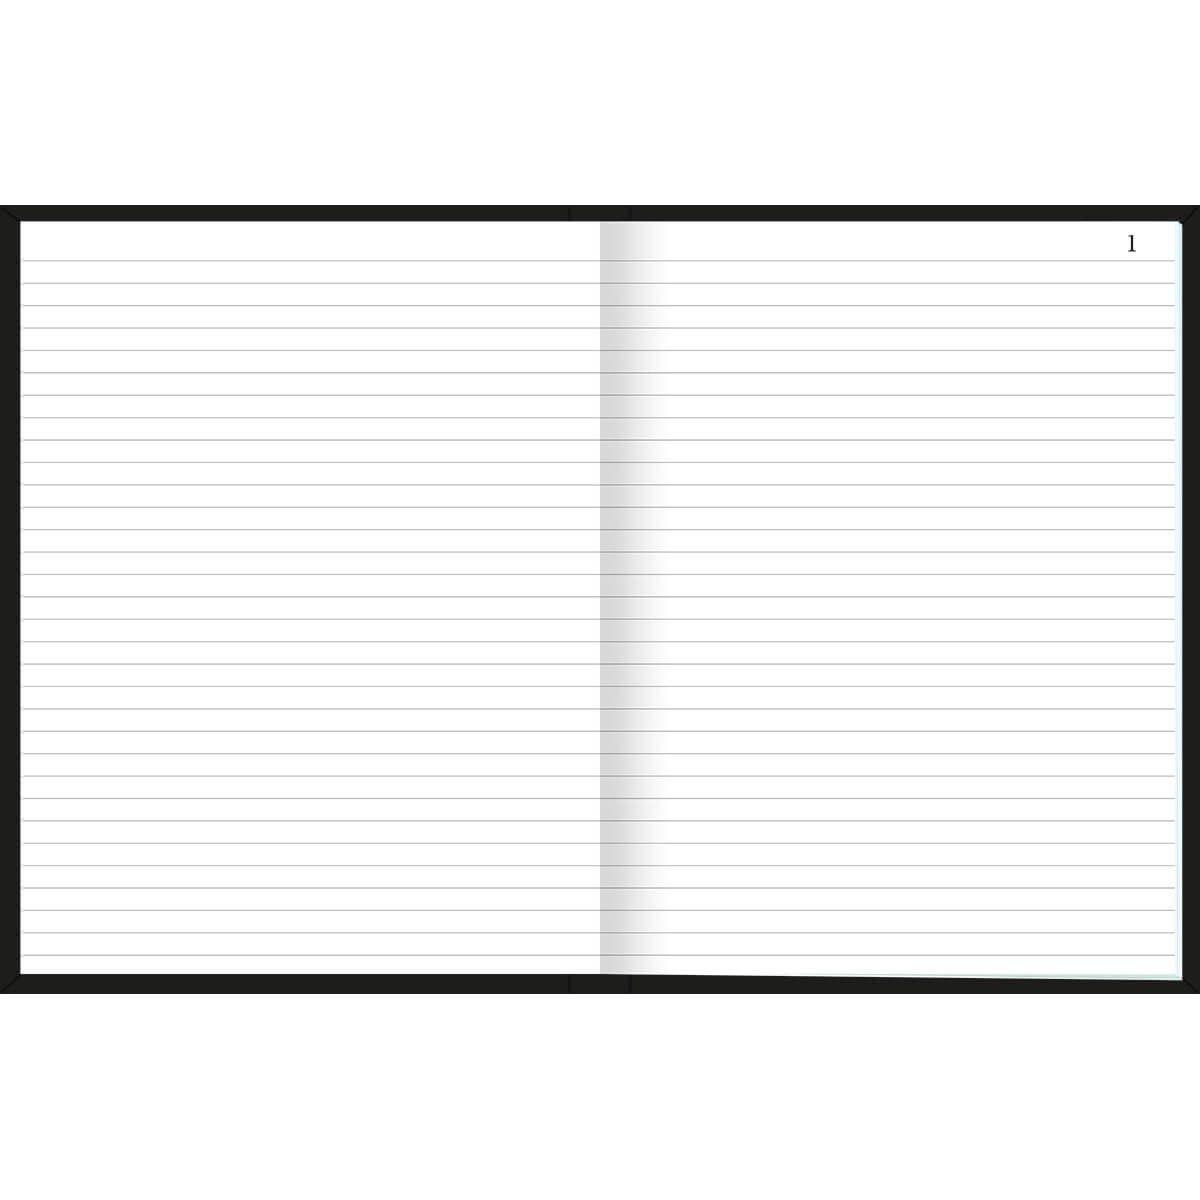 Caderno Tilibra Folhas Numeradas Costurado Universitário 100 Fls Preta 233536 25340